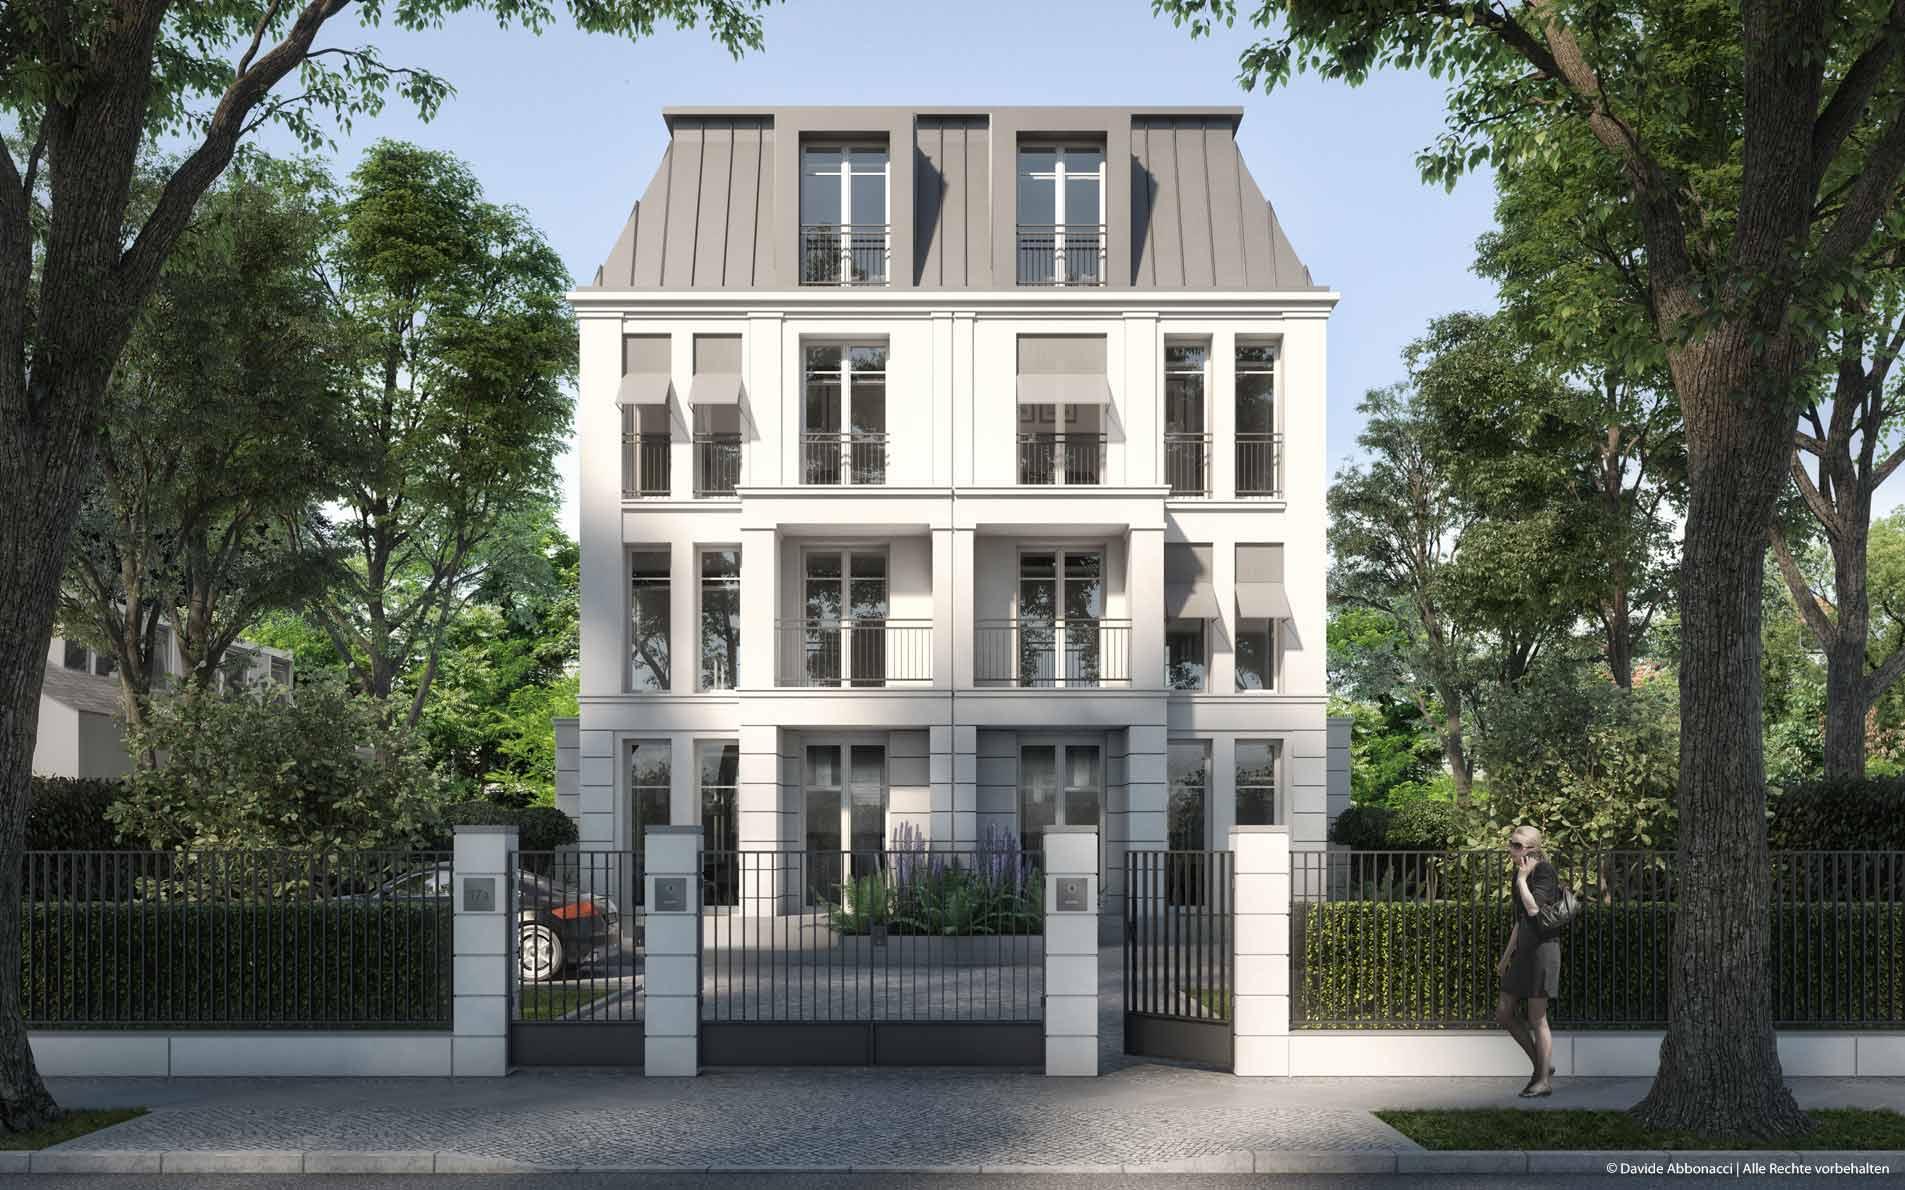 Neubau Villa, Winkler Straße, Berlin | hkt Architekten - PRIMUS Immobilien AG | 2017 Visualisierung für Immobilienmarketing